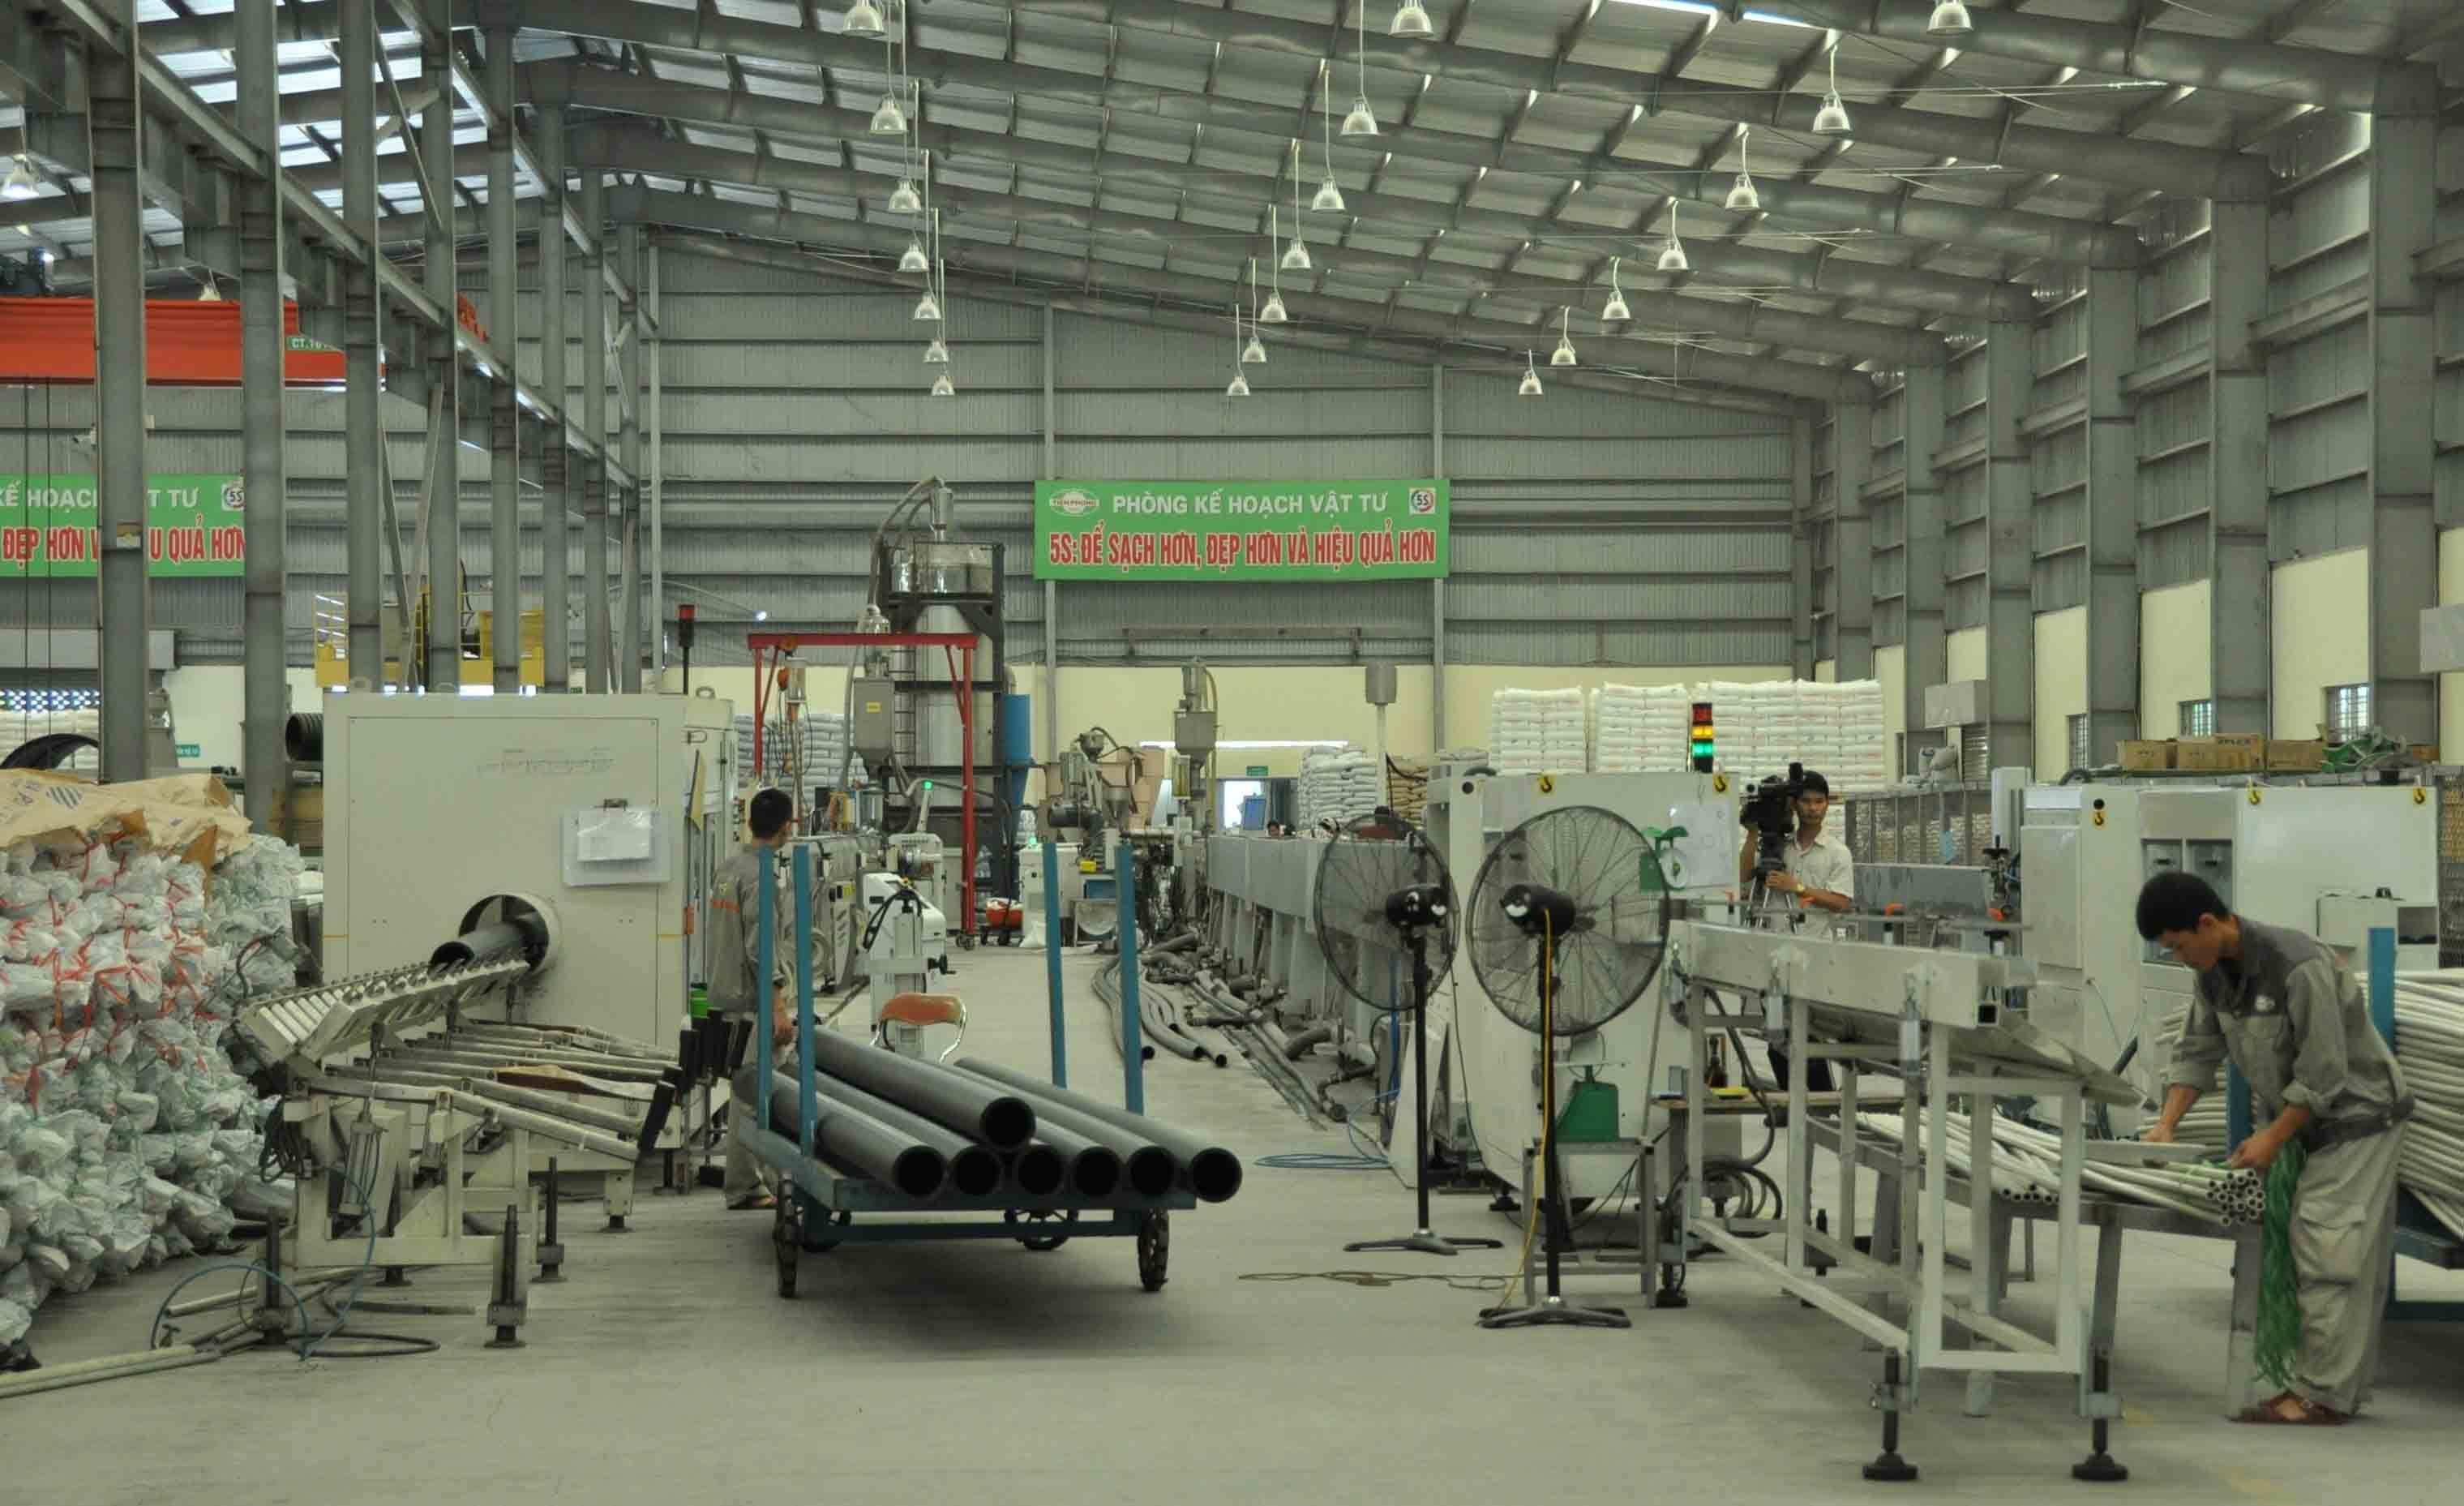 Doanh nghiệp CNHT sẵn sàng trả chi phí tiêm vaccine cho người lao động